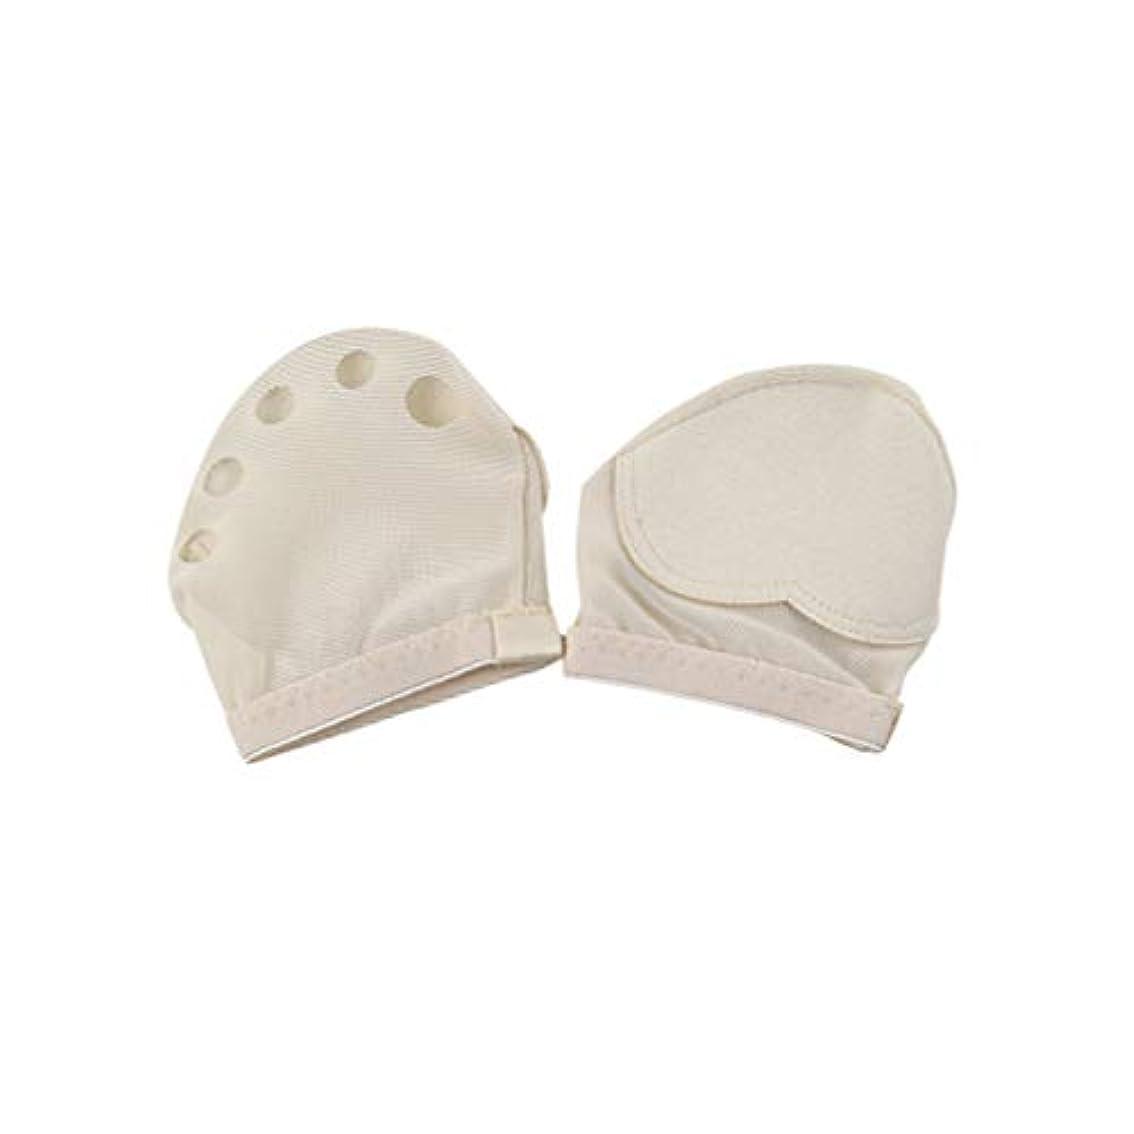 レバー鹿マダムHealifty Womens Half Sole Dance Shoes Ballet Belly Dance Forefoot Pads Protective Foot Cushion Five Holes Size XL